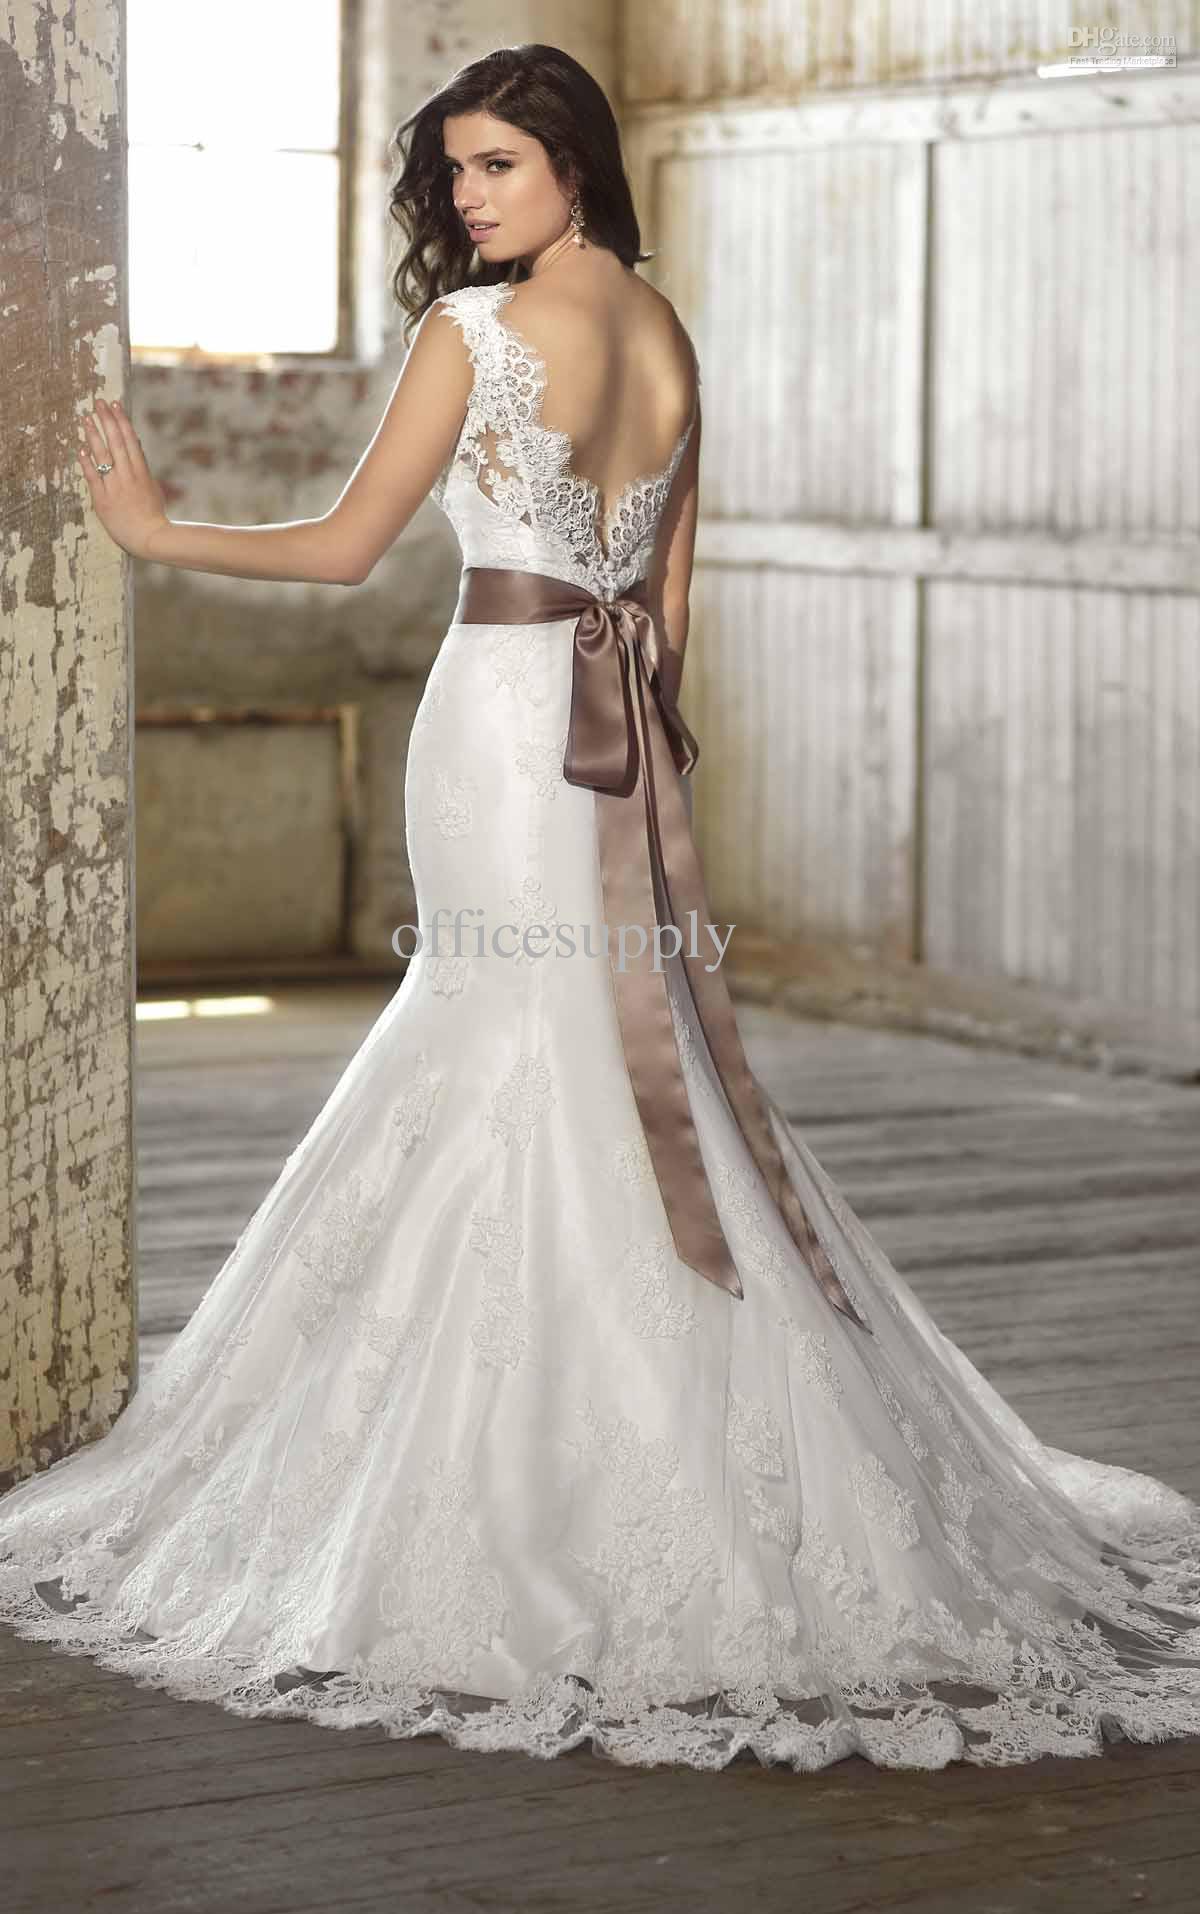 dress for beach wedding summer wedding dresses summer wedding gown dress inspiration 7